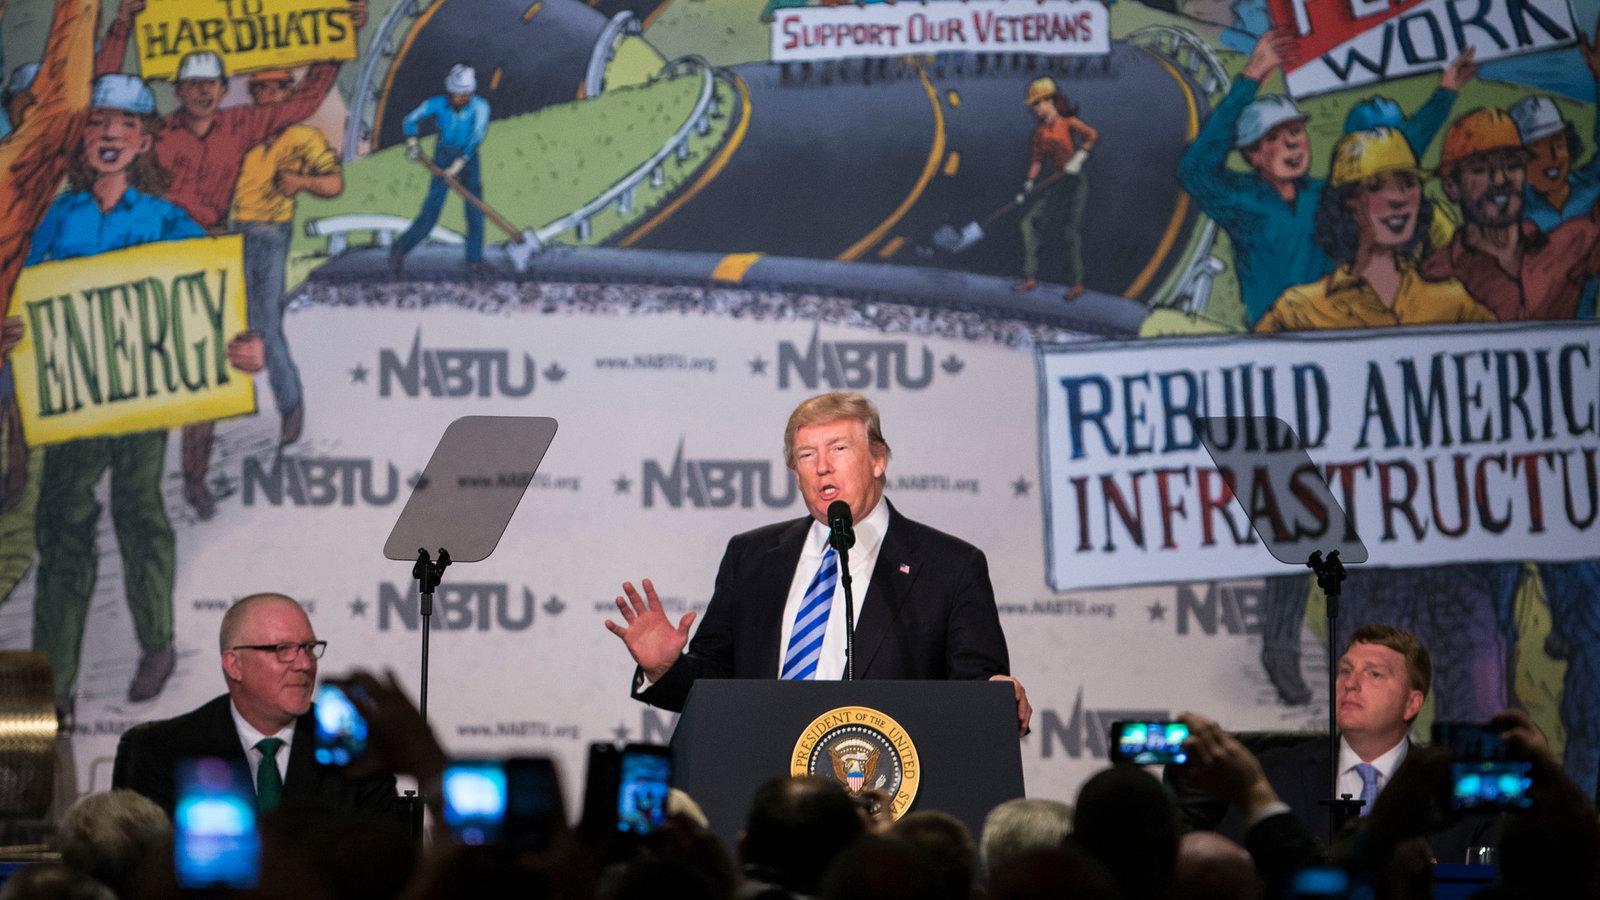 1 Infrastructure Trump Trillion